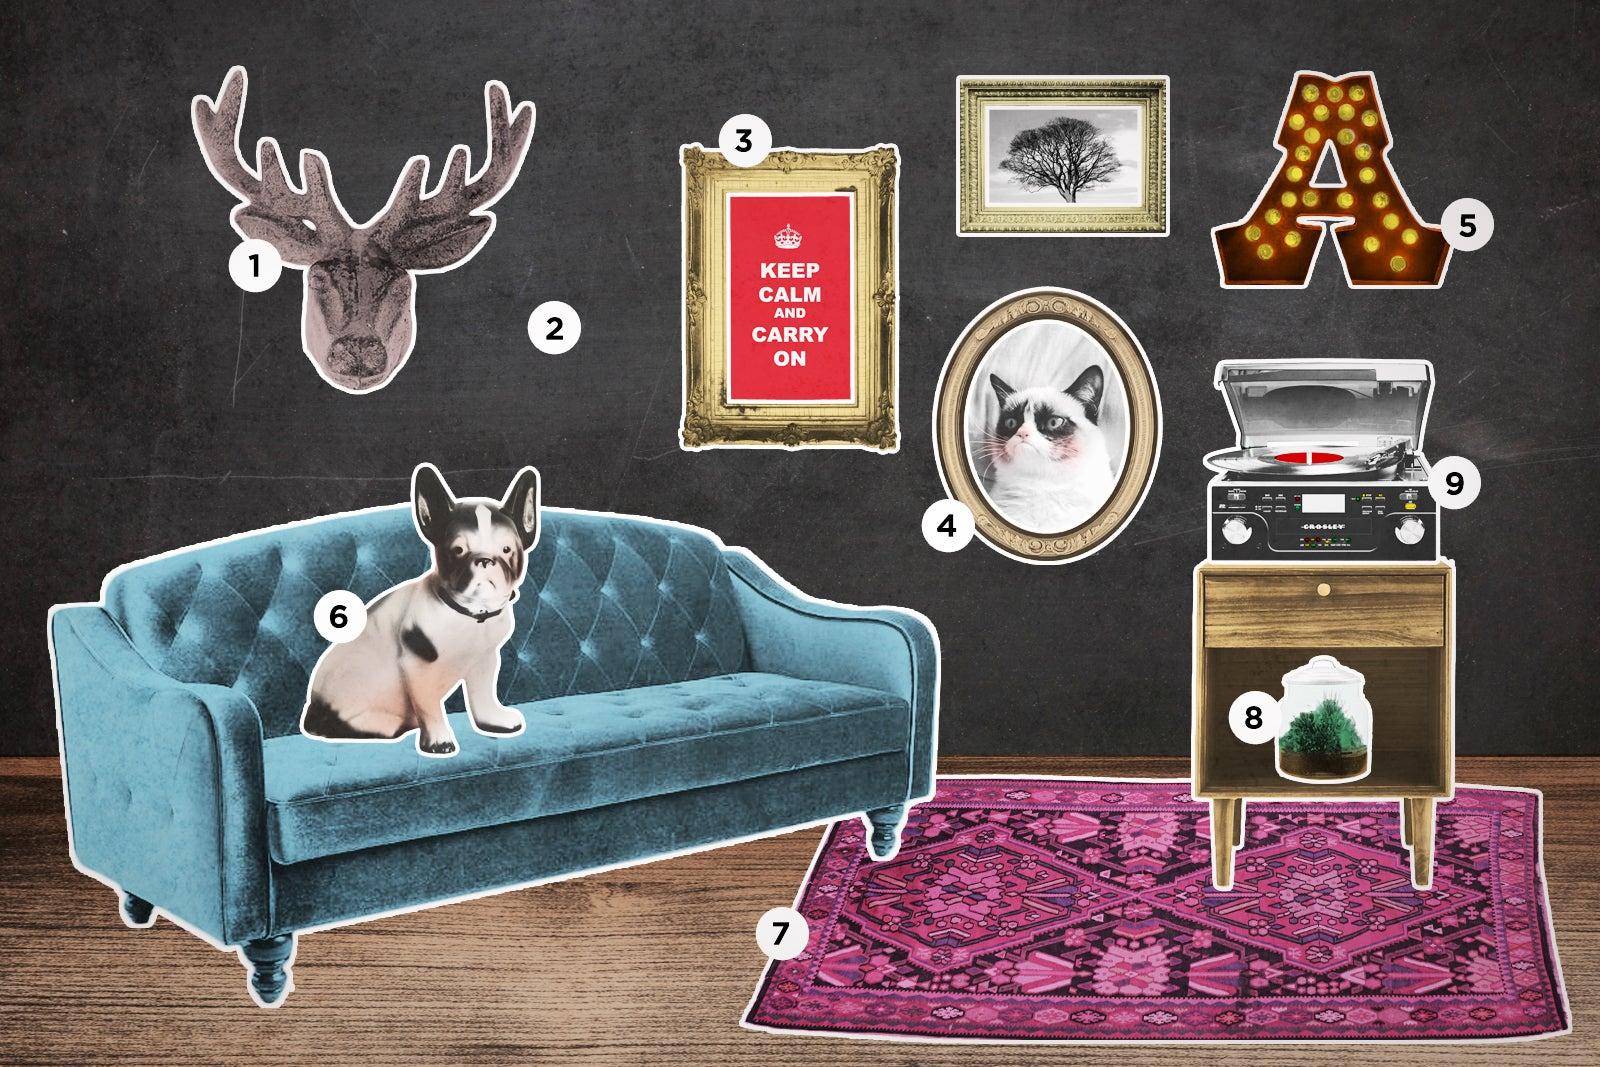 32 oggetti che non devono mancare in una casa 100 hipster aroundpika - Cosa non deve mancare in casa ...